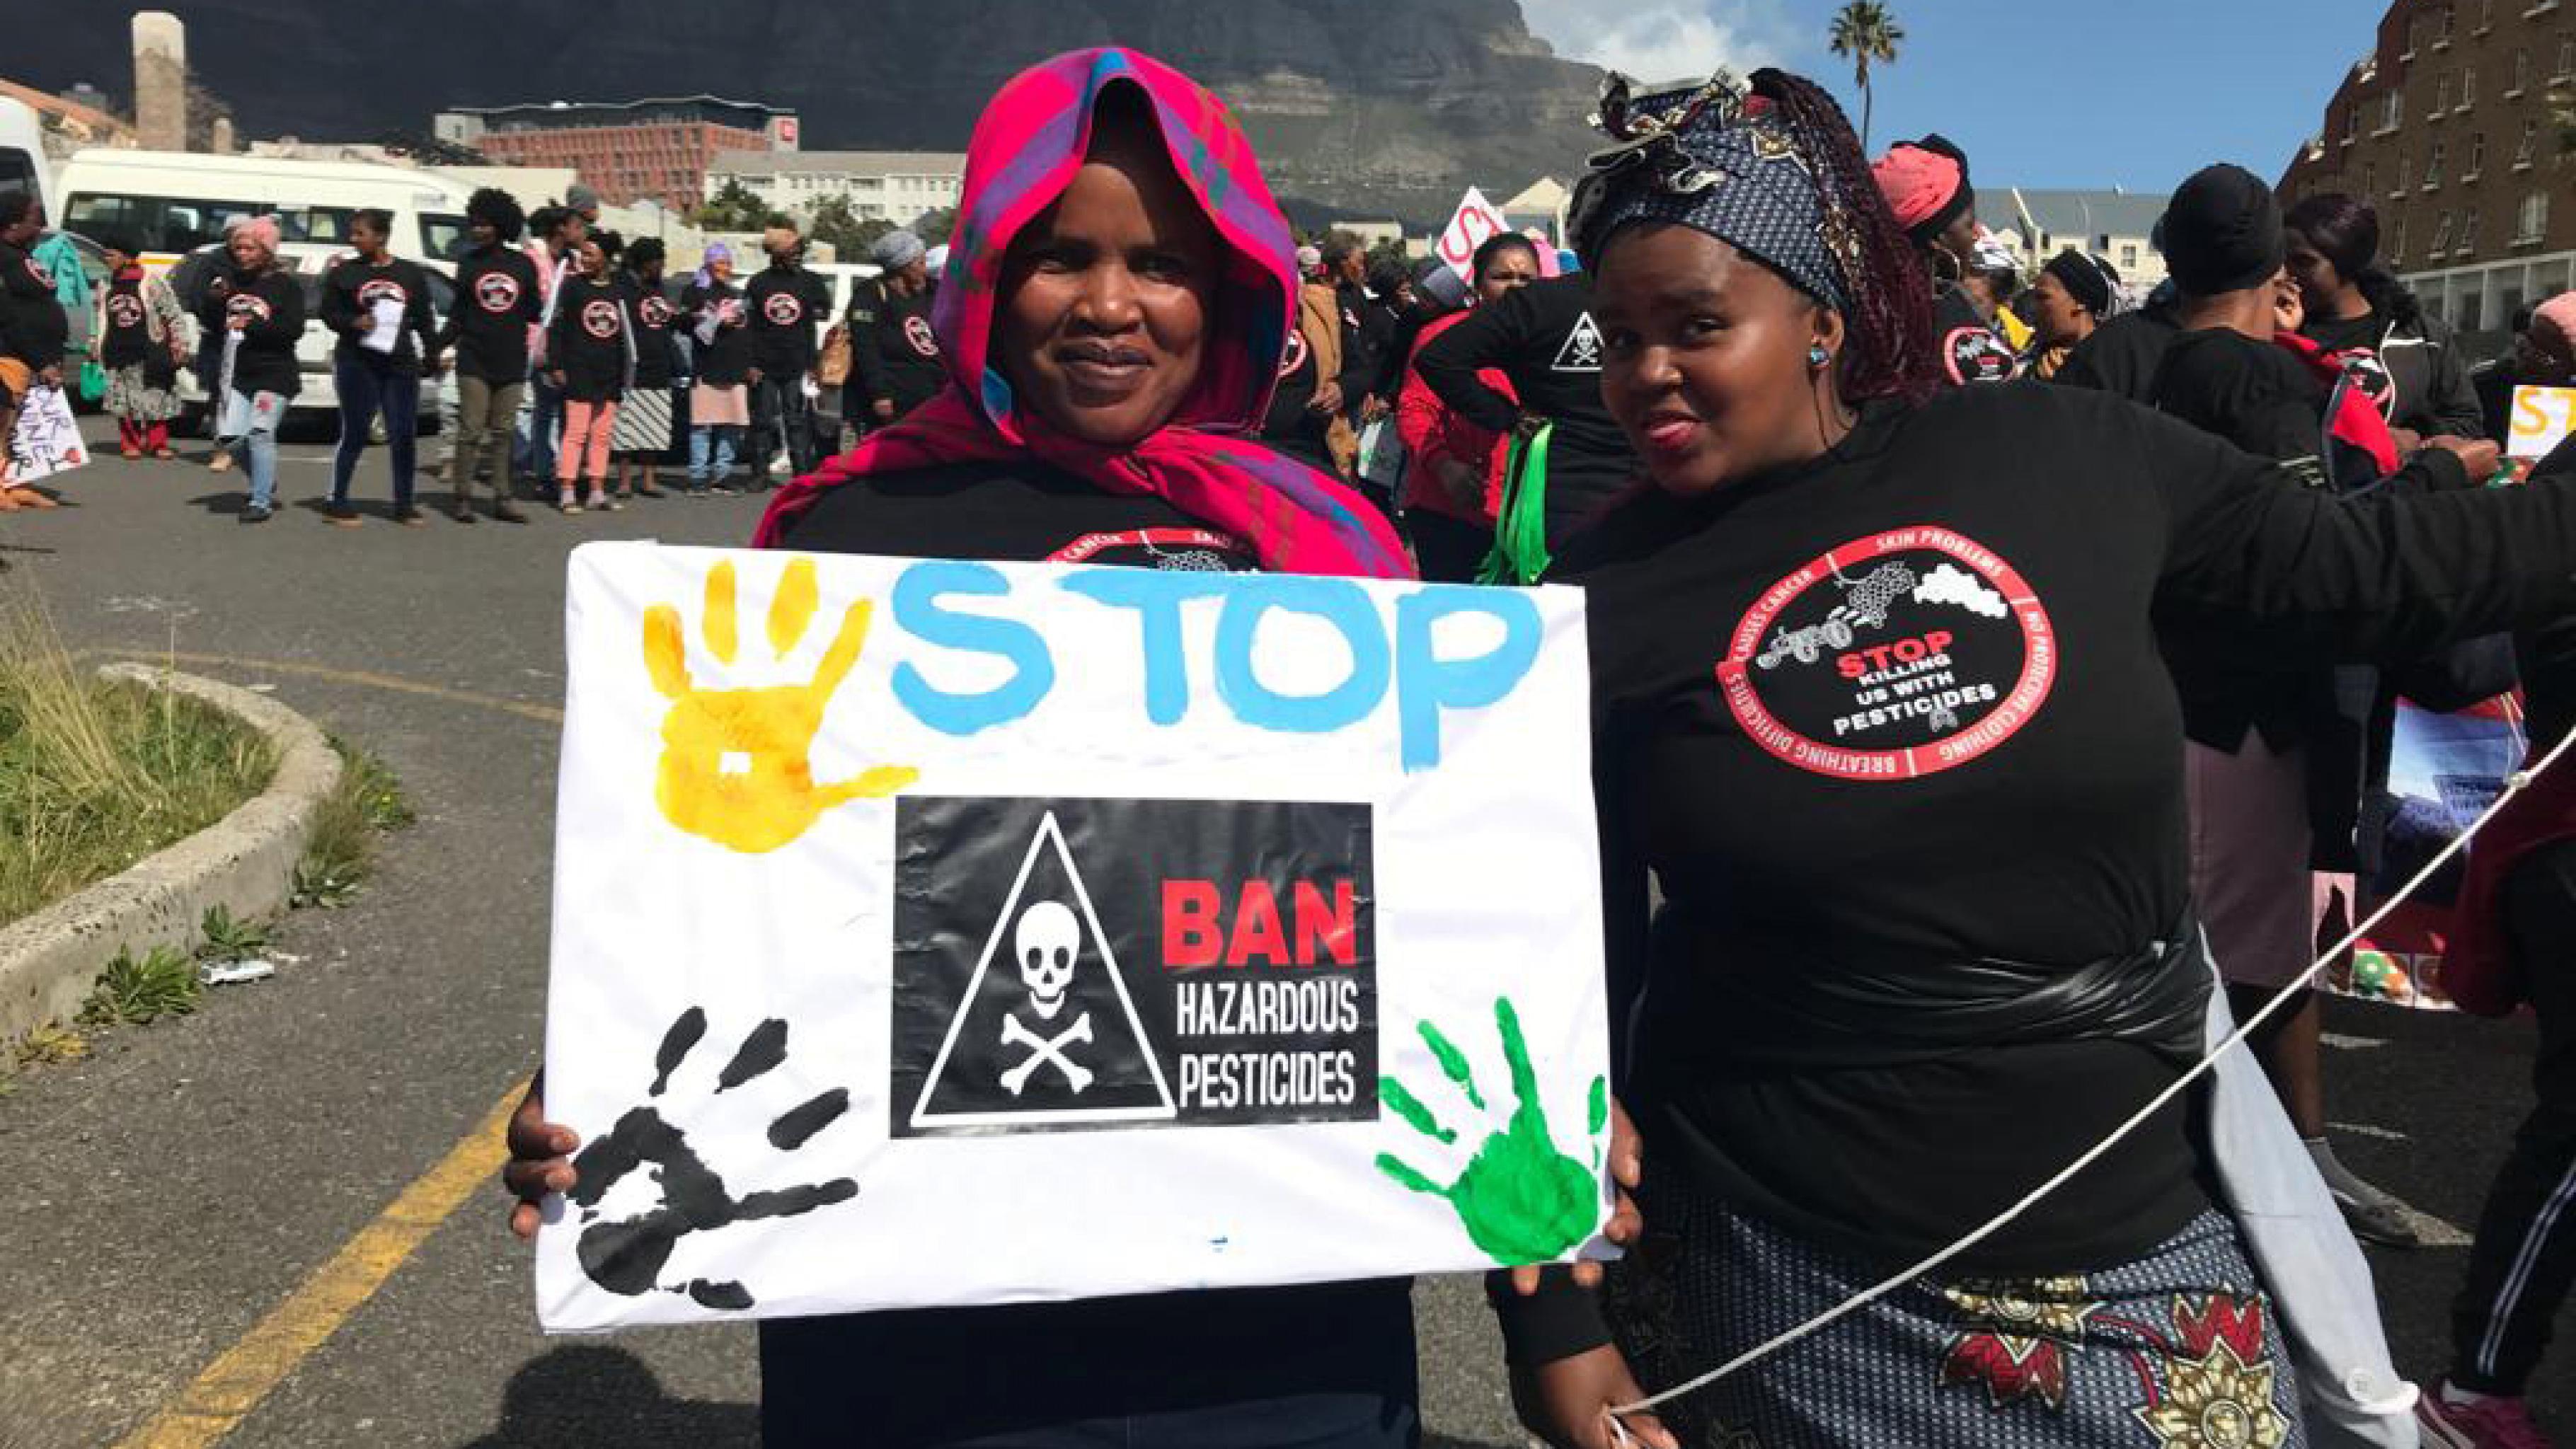 Die Wanderarbeiterinnen Mamonaheng Rasekasana und Nosiseko Mbizo mit ihren Schildern vor dem Marsch.